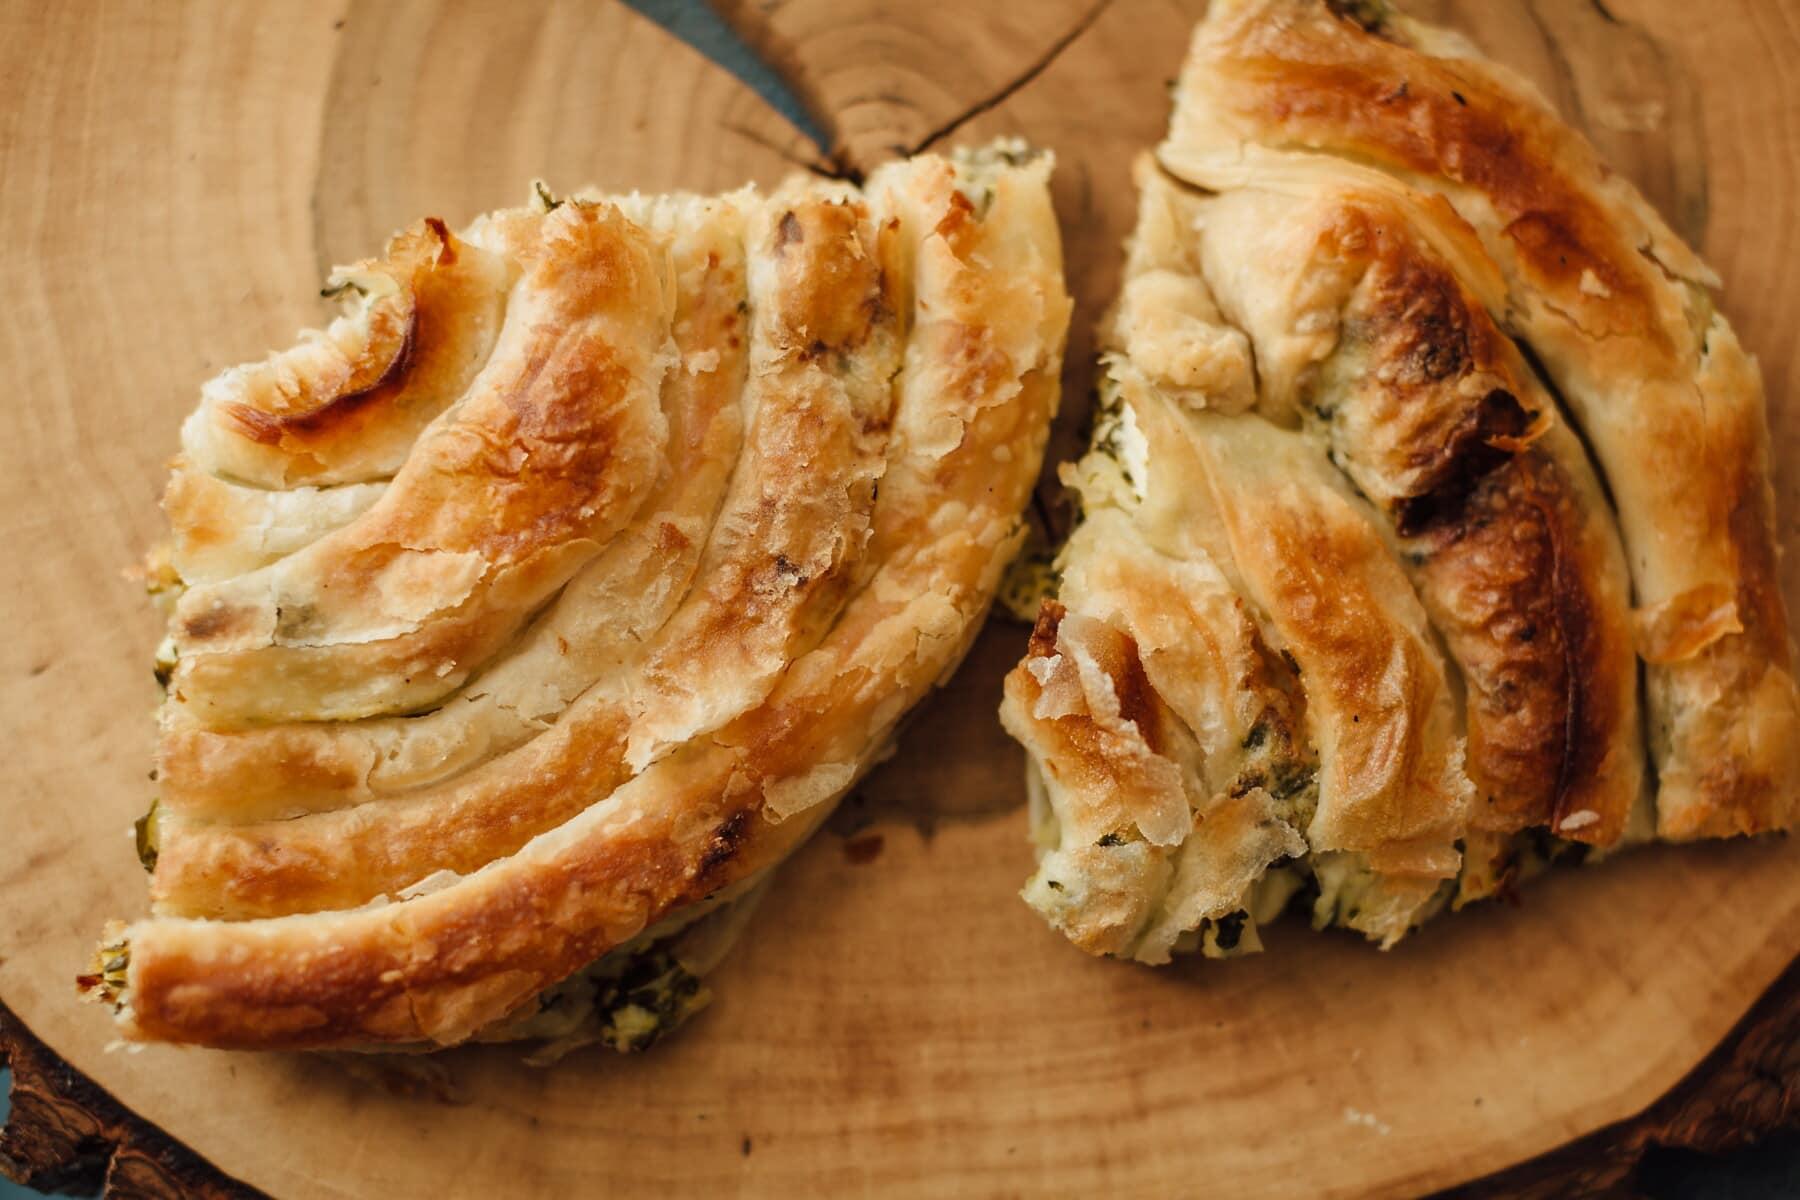 pita skorja, koláče, plátky, domáce, syr, chlieb, pečivo, pečenie, jedlo, pecivo